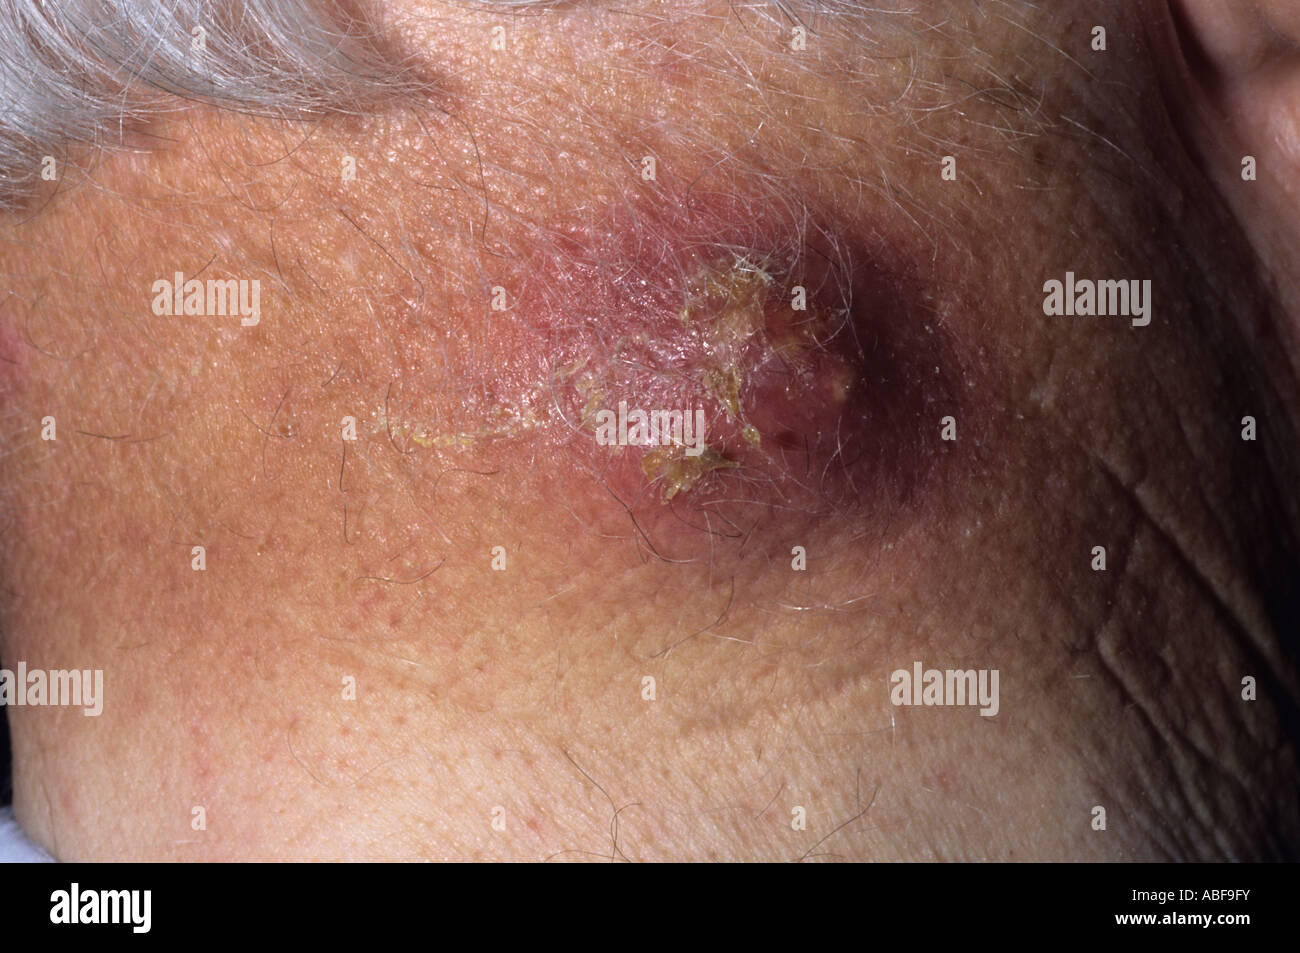 Sebaceous Cyst Imágenes De Stock & Sebaceous Cyst Fotos De Stock - Alamy